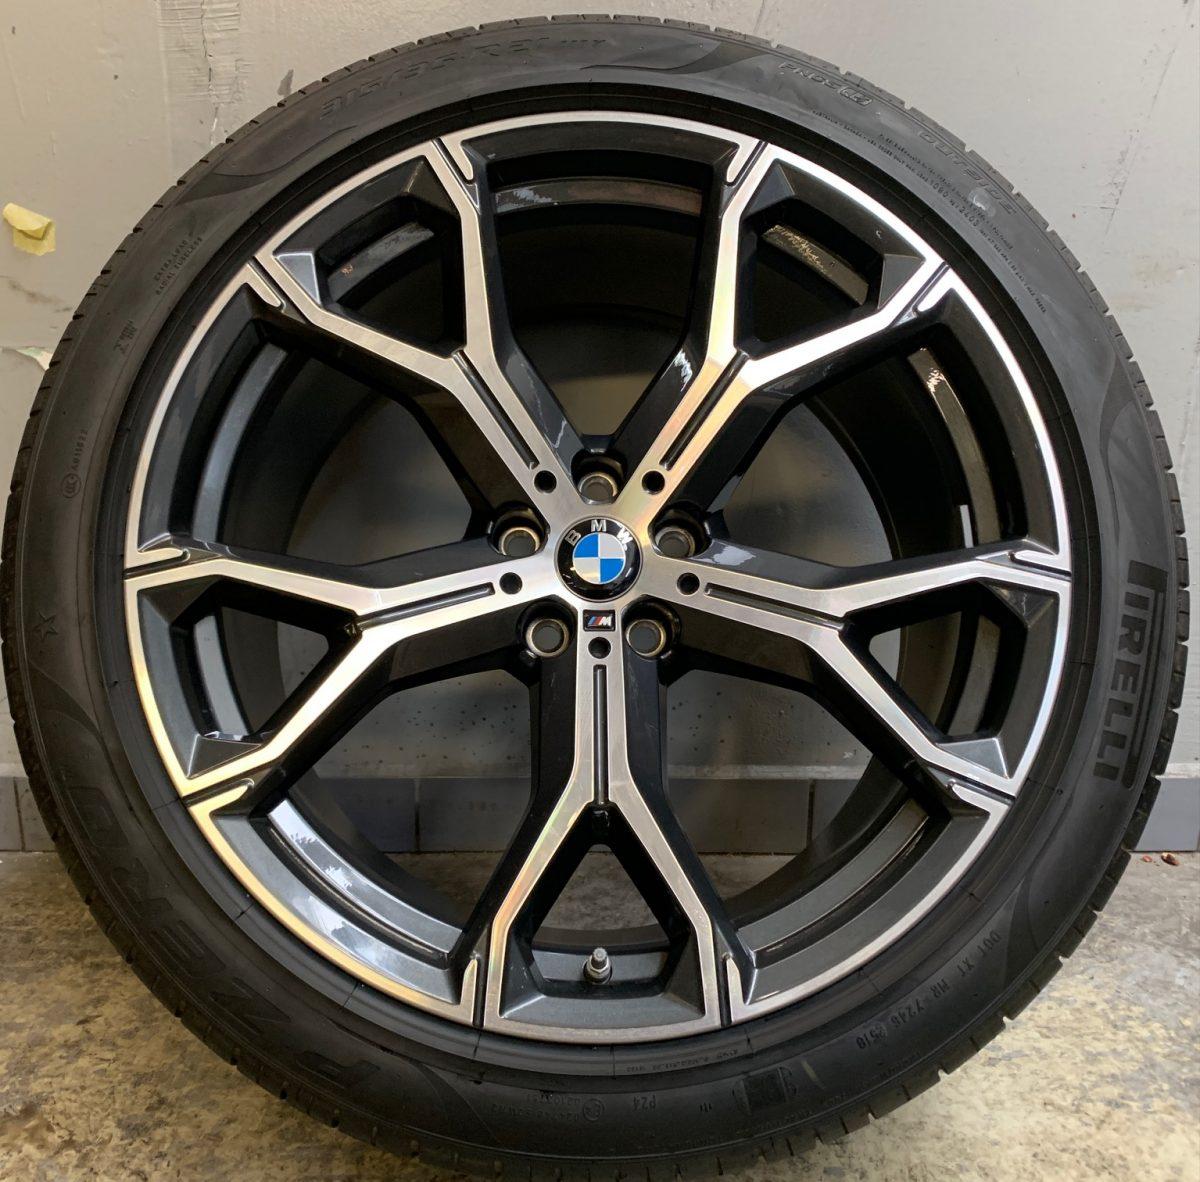 Gyári alufelni BMW X5 G05 (741M Style) 9,5X21-10,5X21 5X112 újszerű nyárikerék- garnitúra! Pirelli gumikkal,nyomásszenzorral! 1